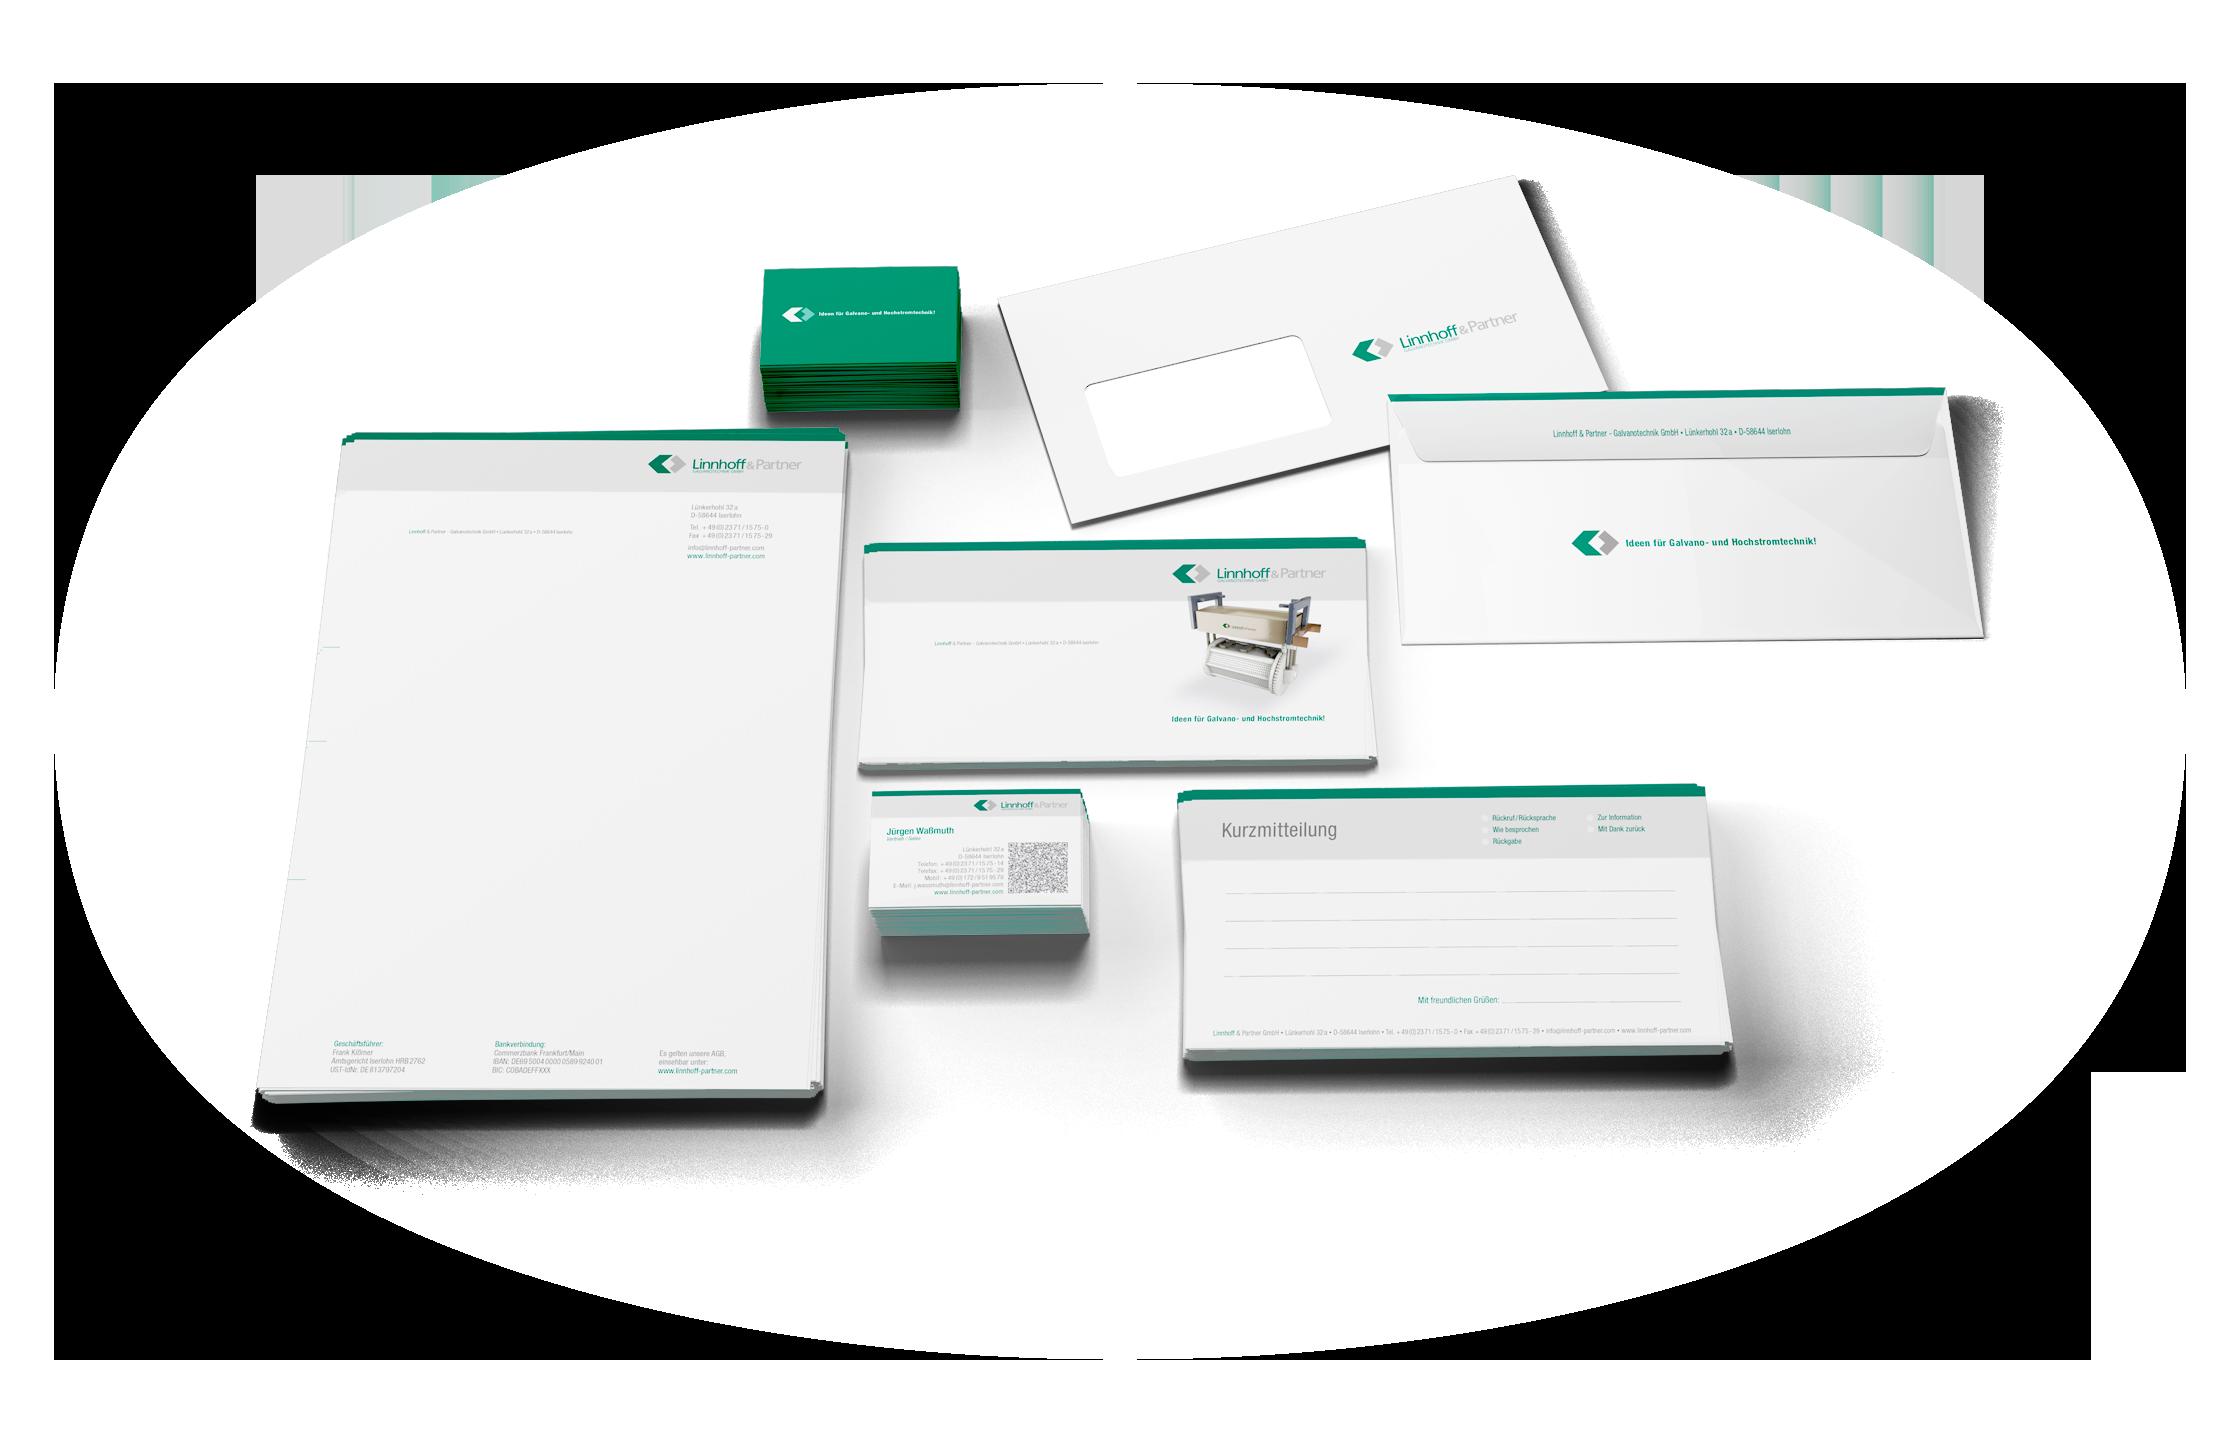 Corporate-Design für die Linnhoff-Parter GmbH aus Iserlohn